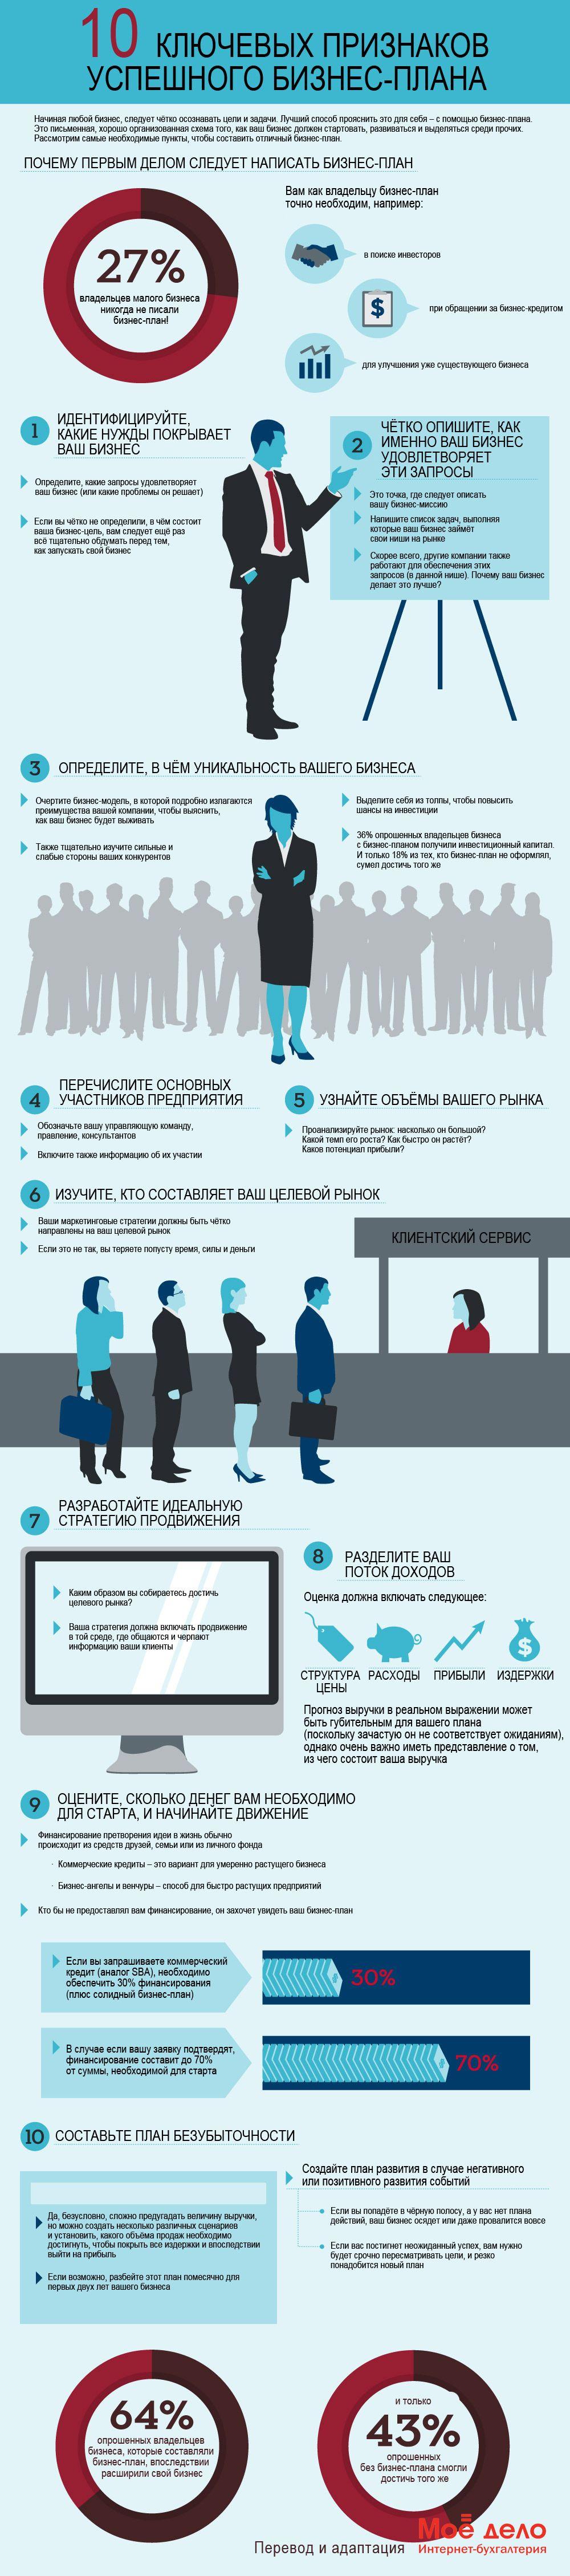 10 ключевых признаков успешного бизнес-плана